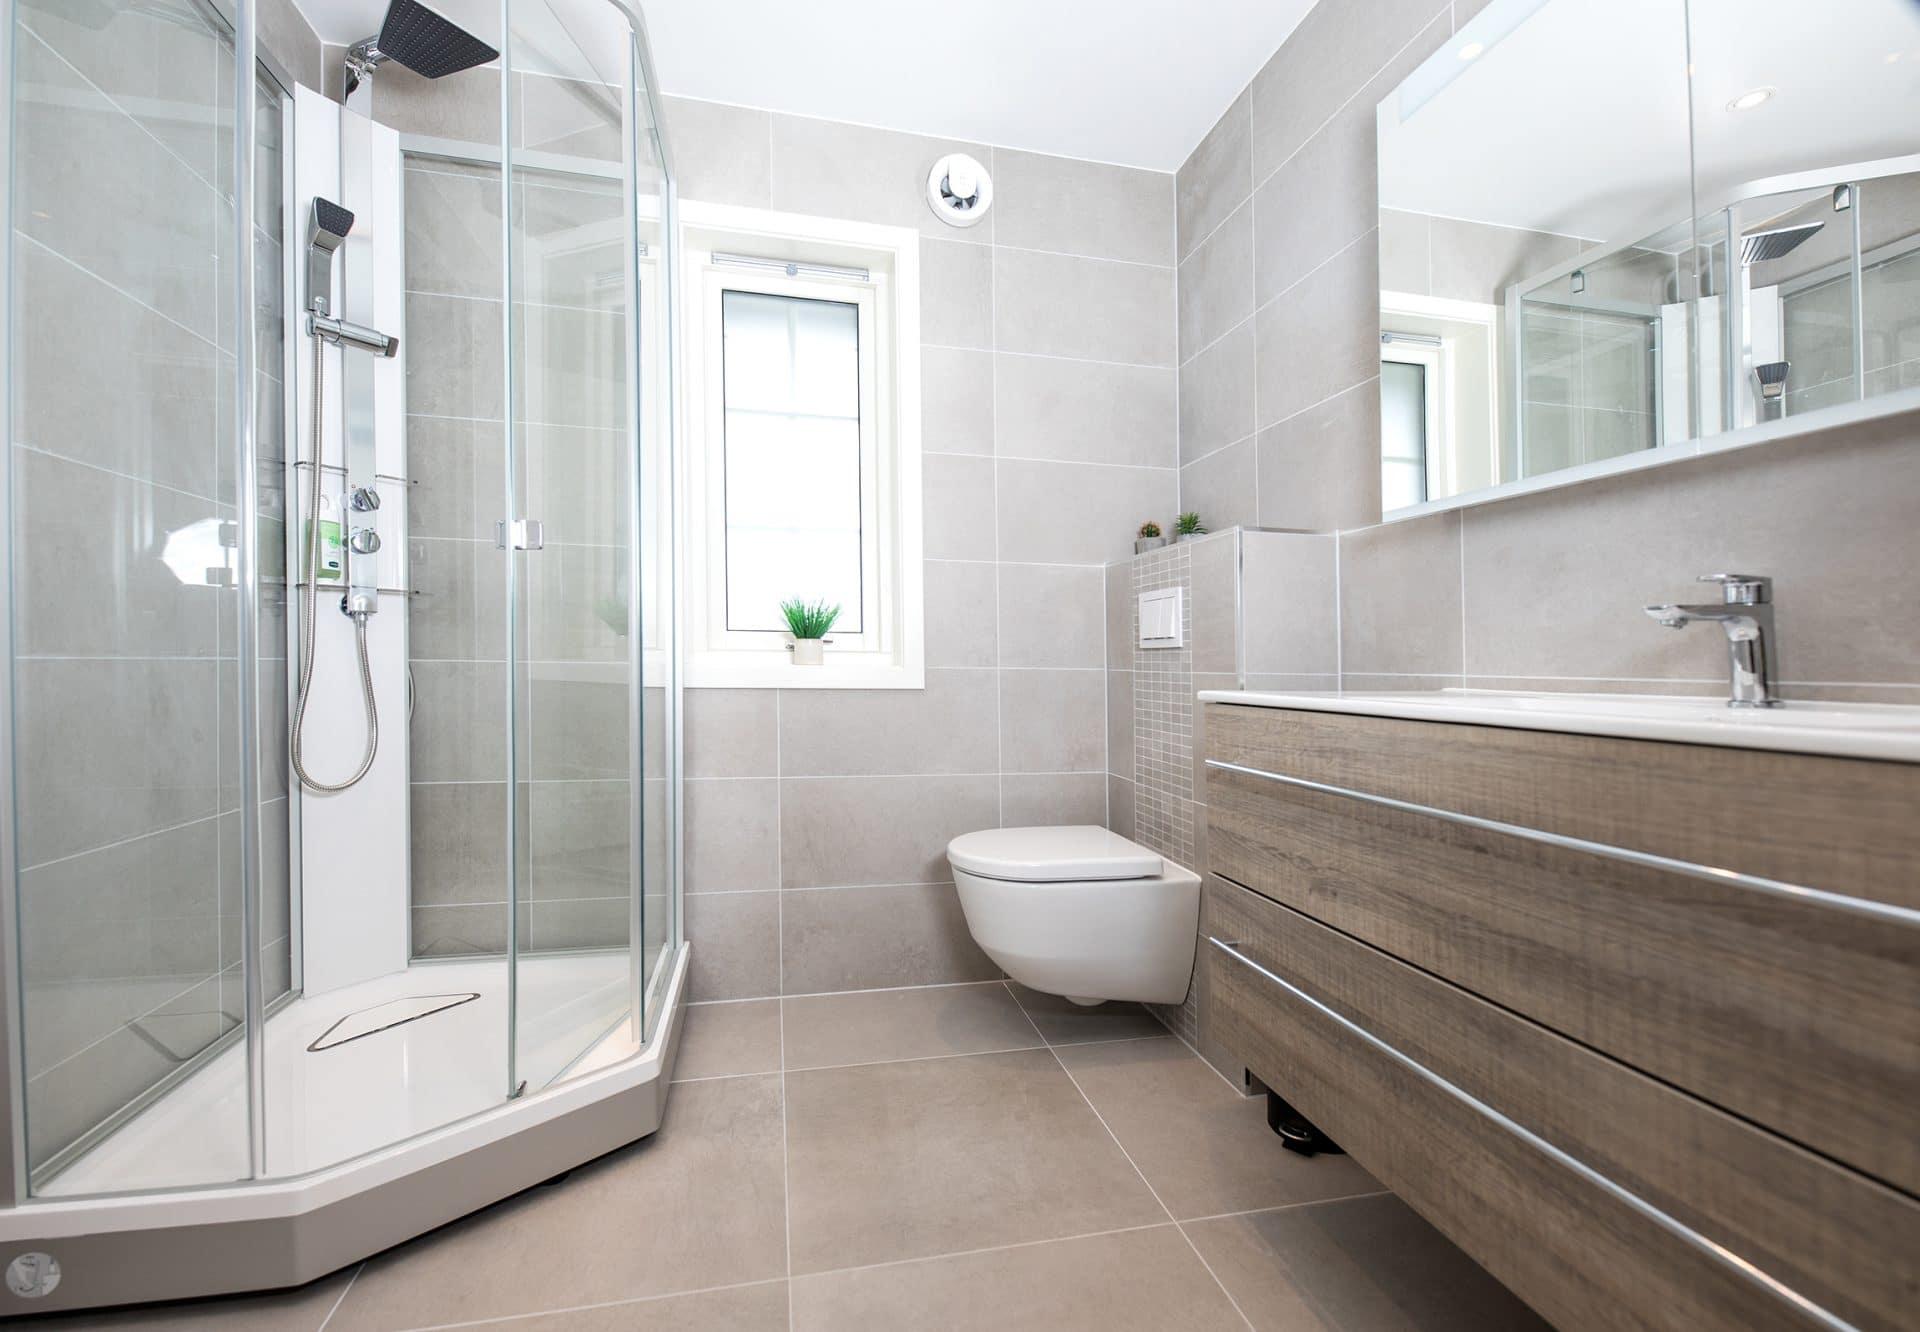 Nyoppusset bad med dusjkabinett og vegghengt toalett